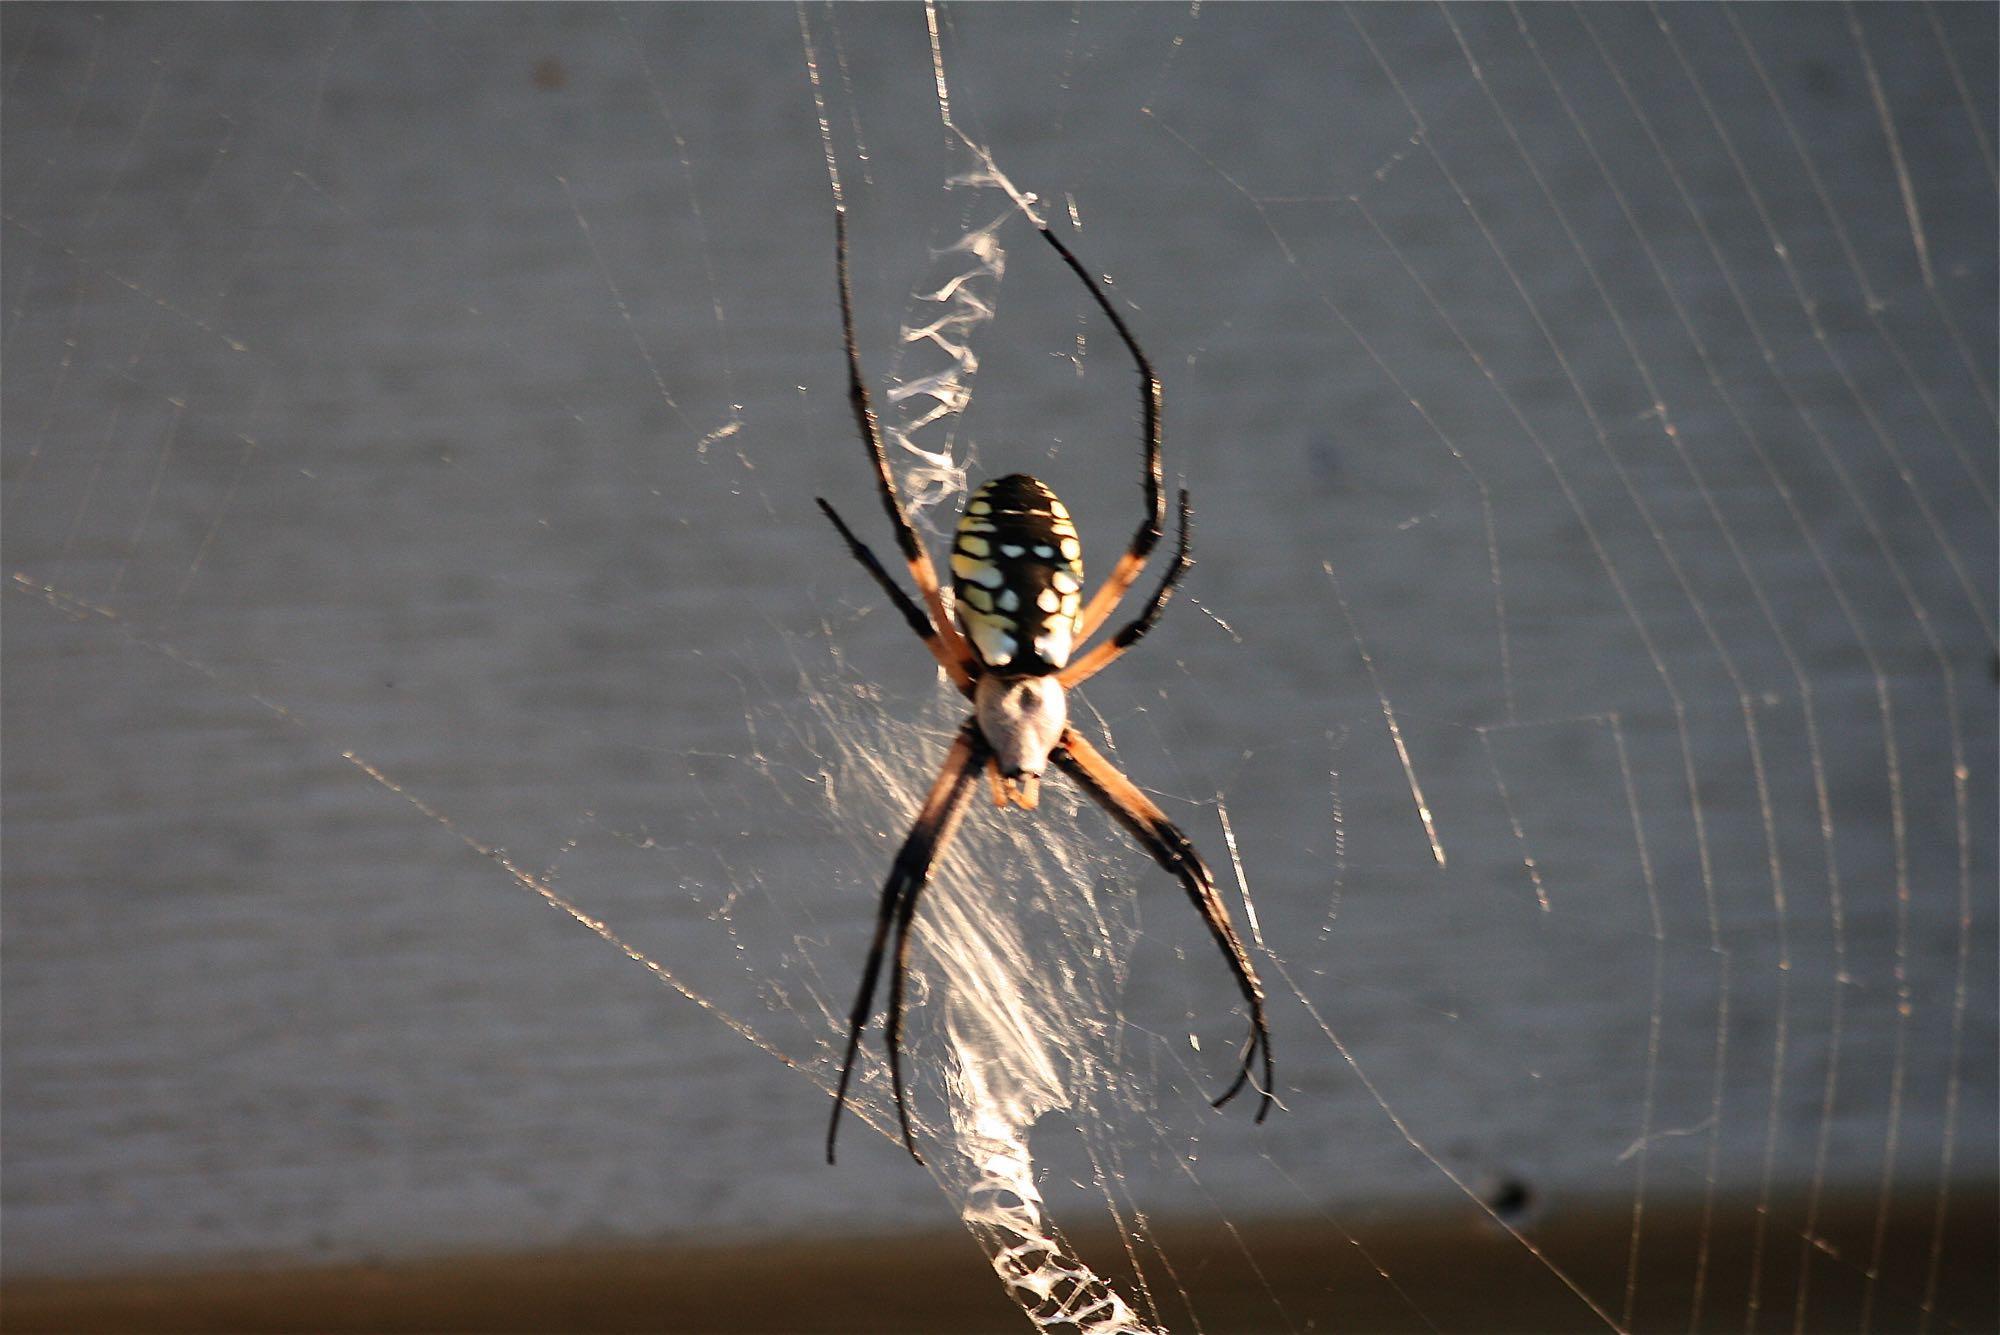 A Missouri garden spider weaving her zig zag web. (Photo by Charlotte Ekker Wiggins)